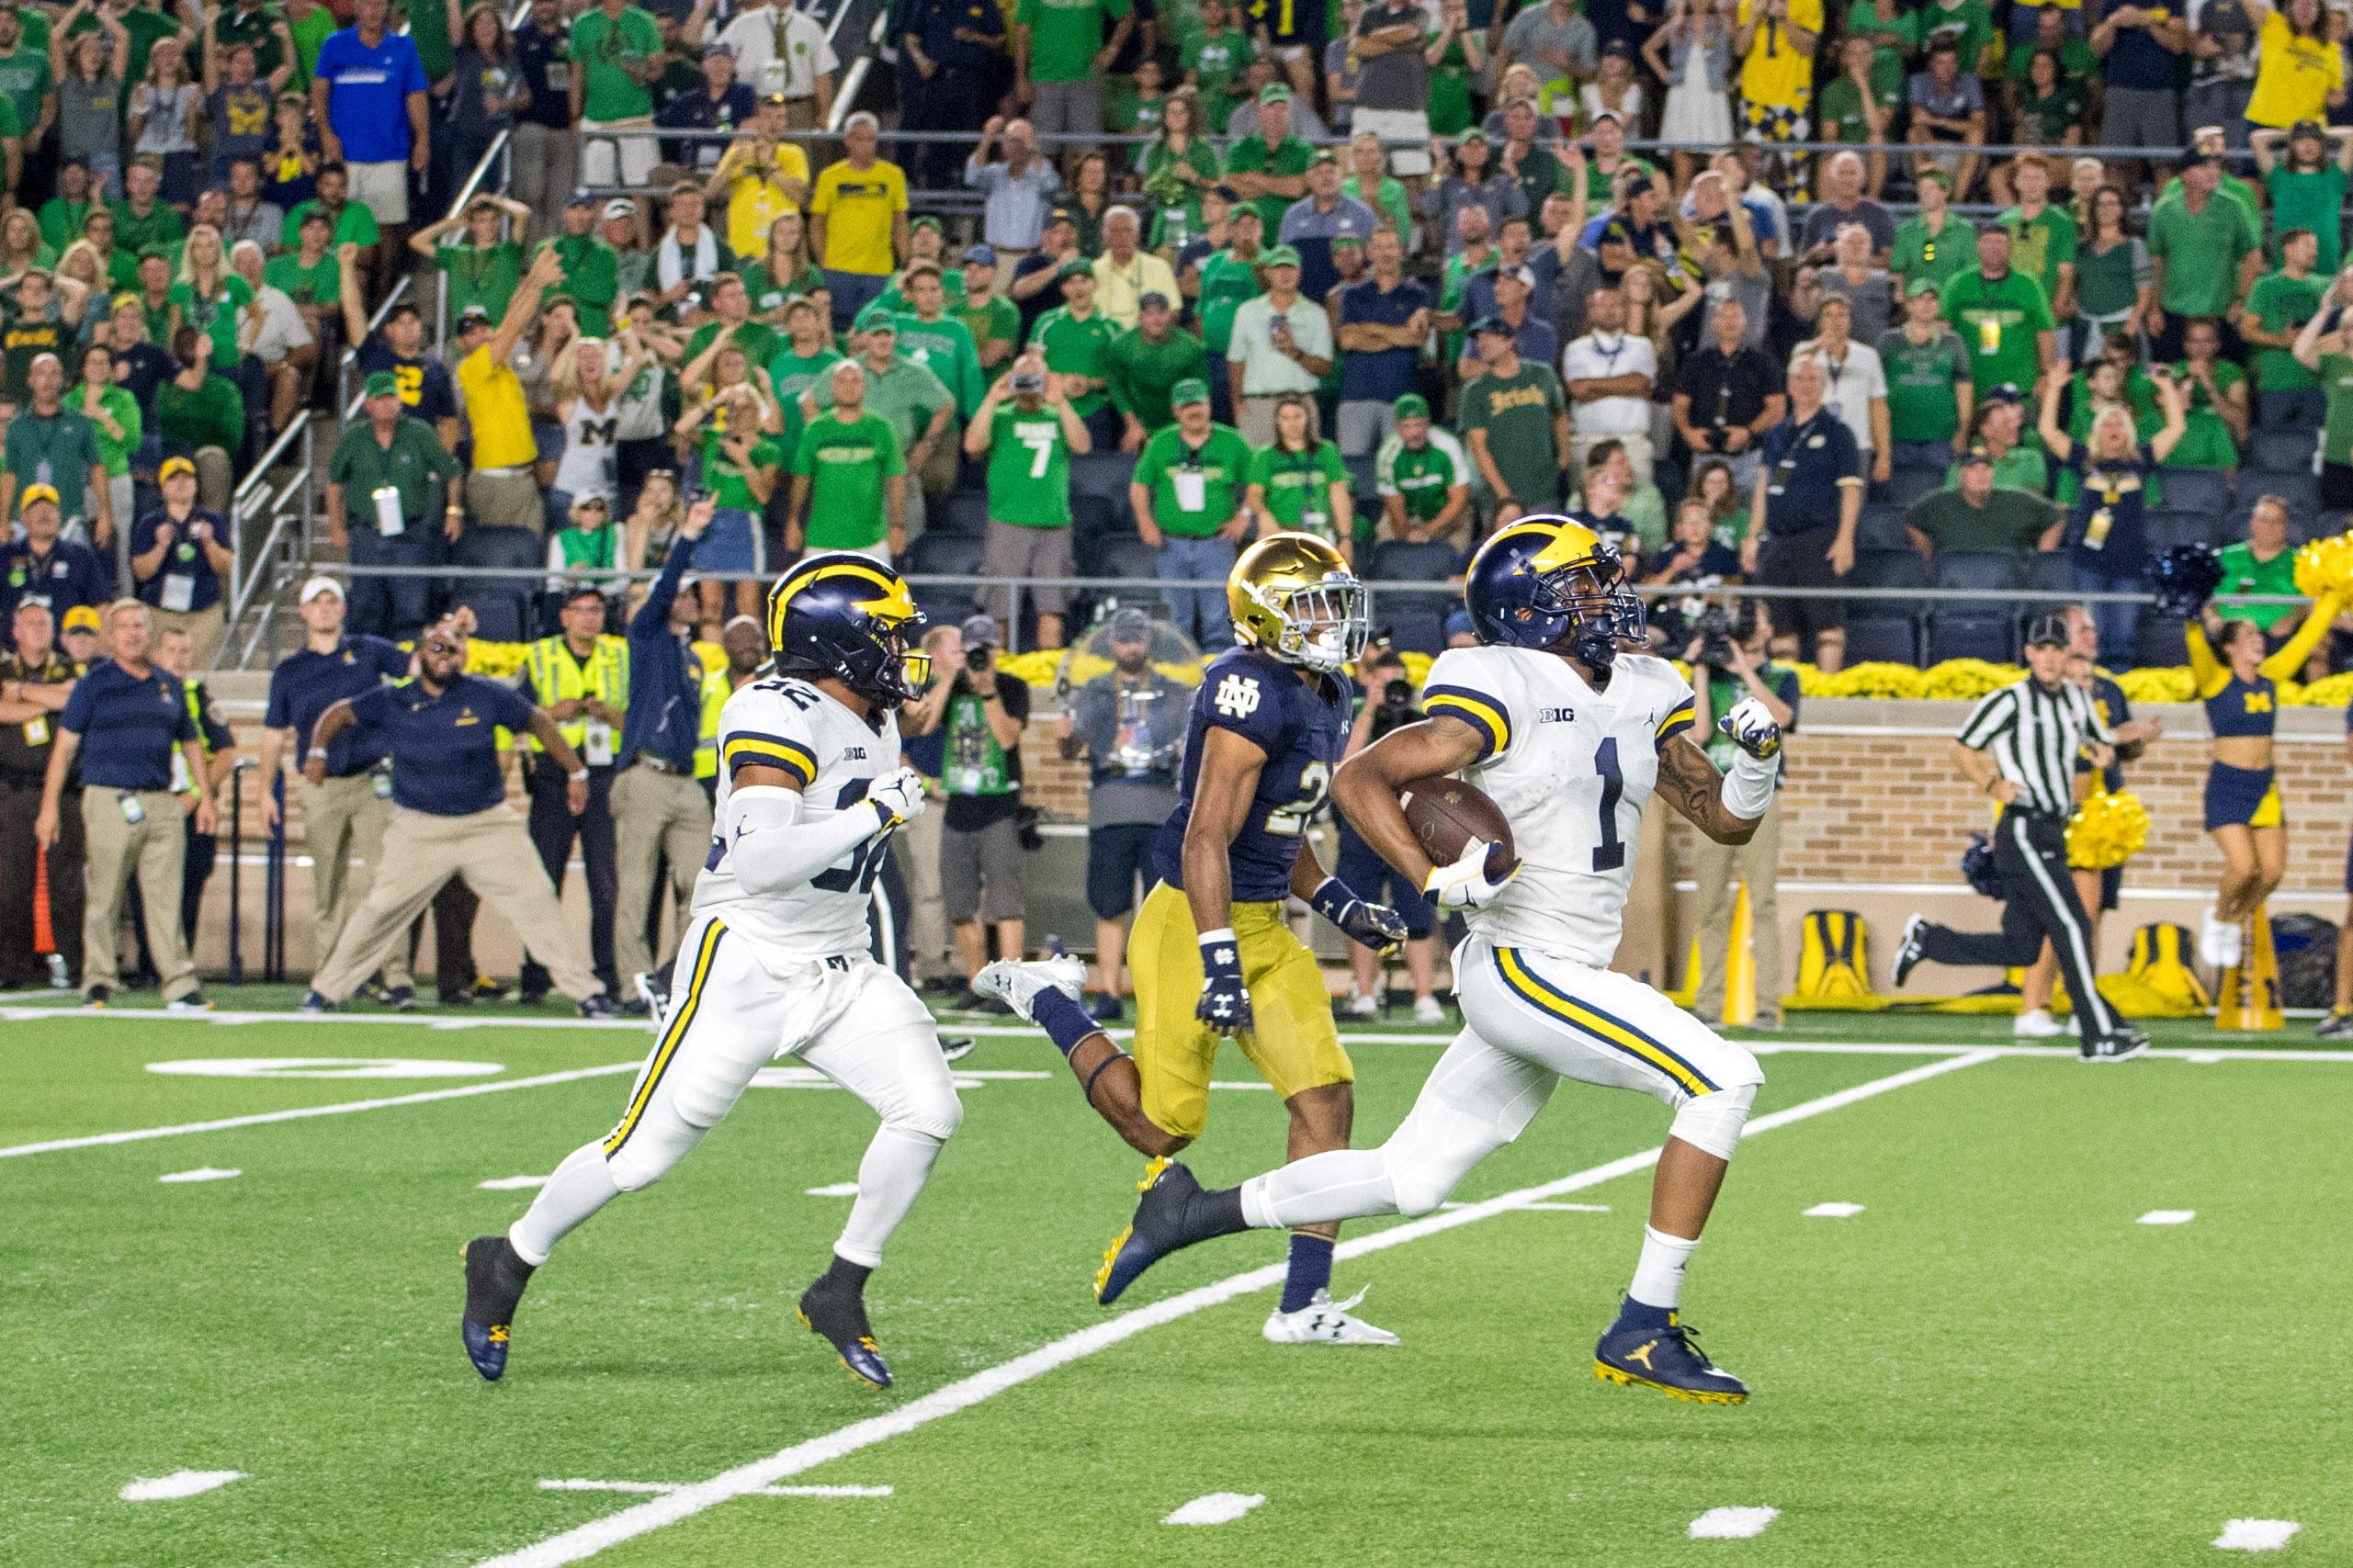 NCAA Football: Michigan at Notre Dame